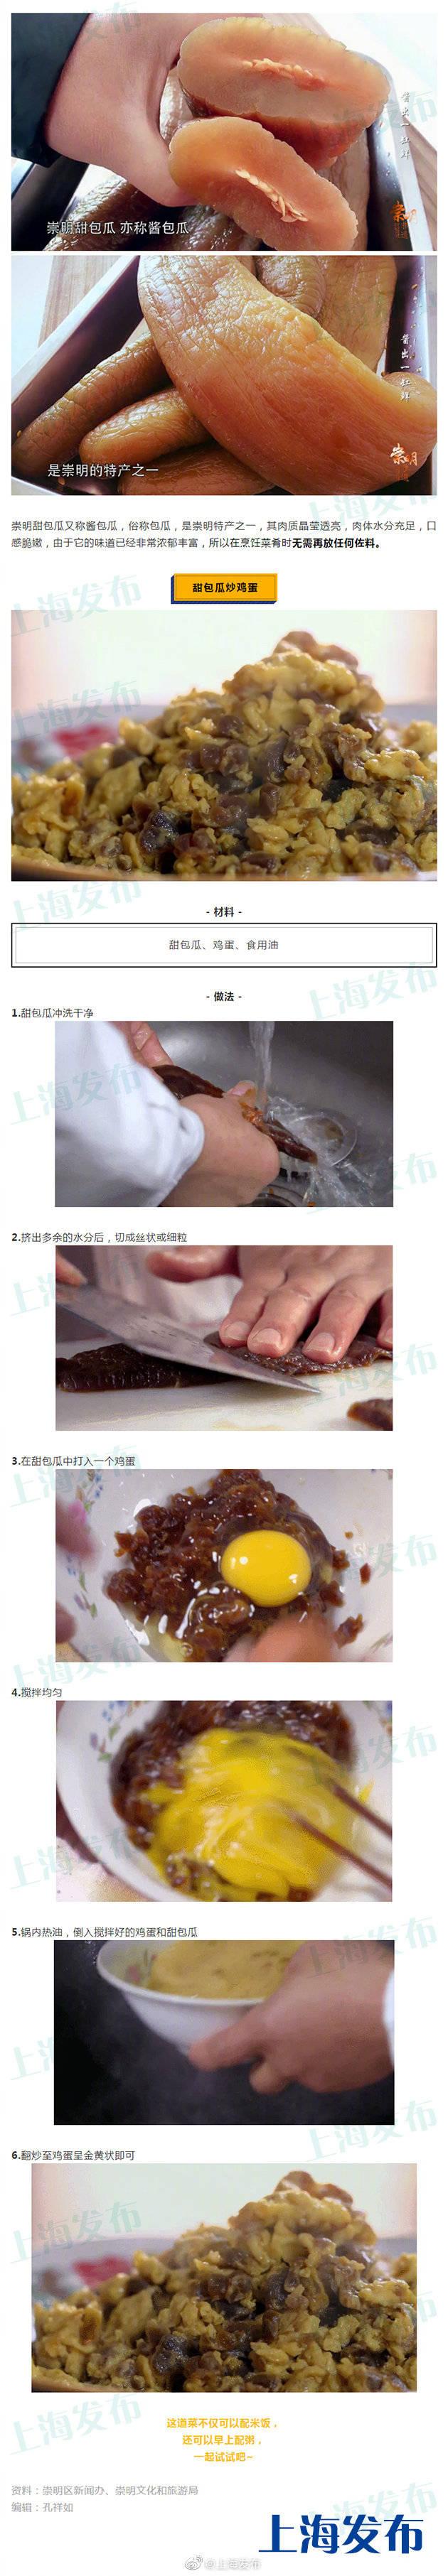 夏天,用酱菜做一道美食!